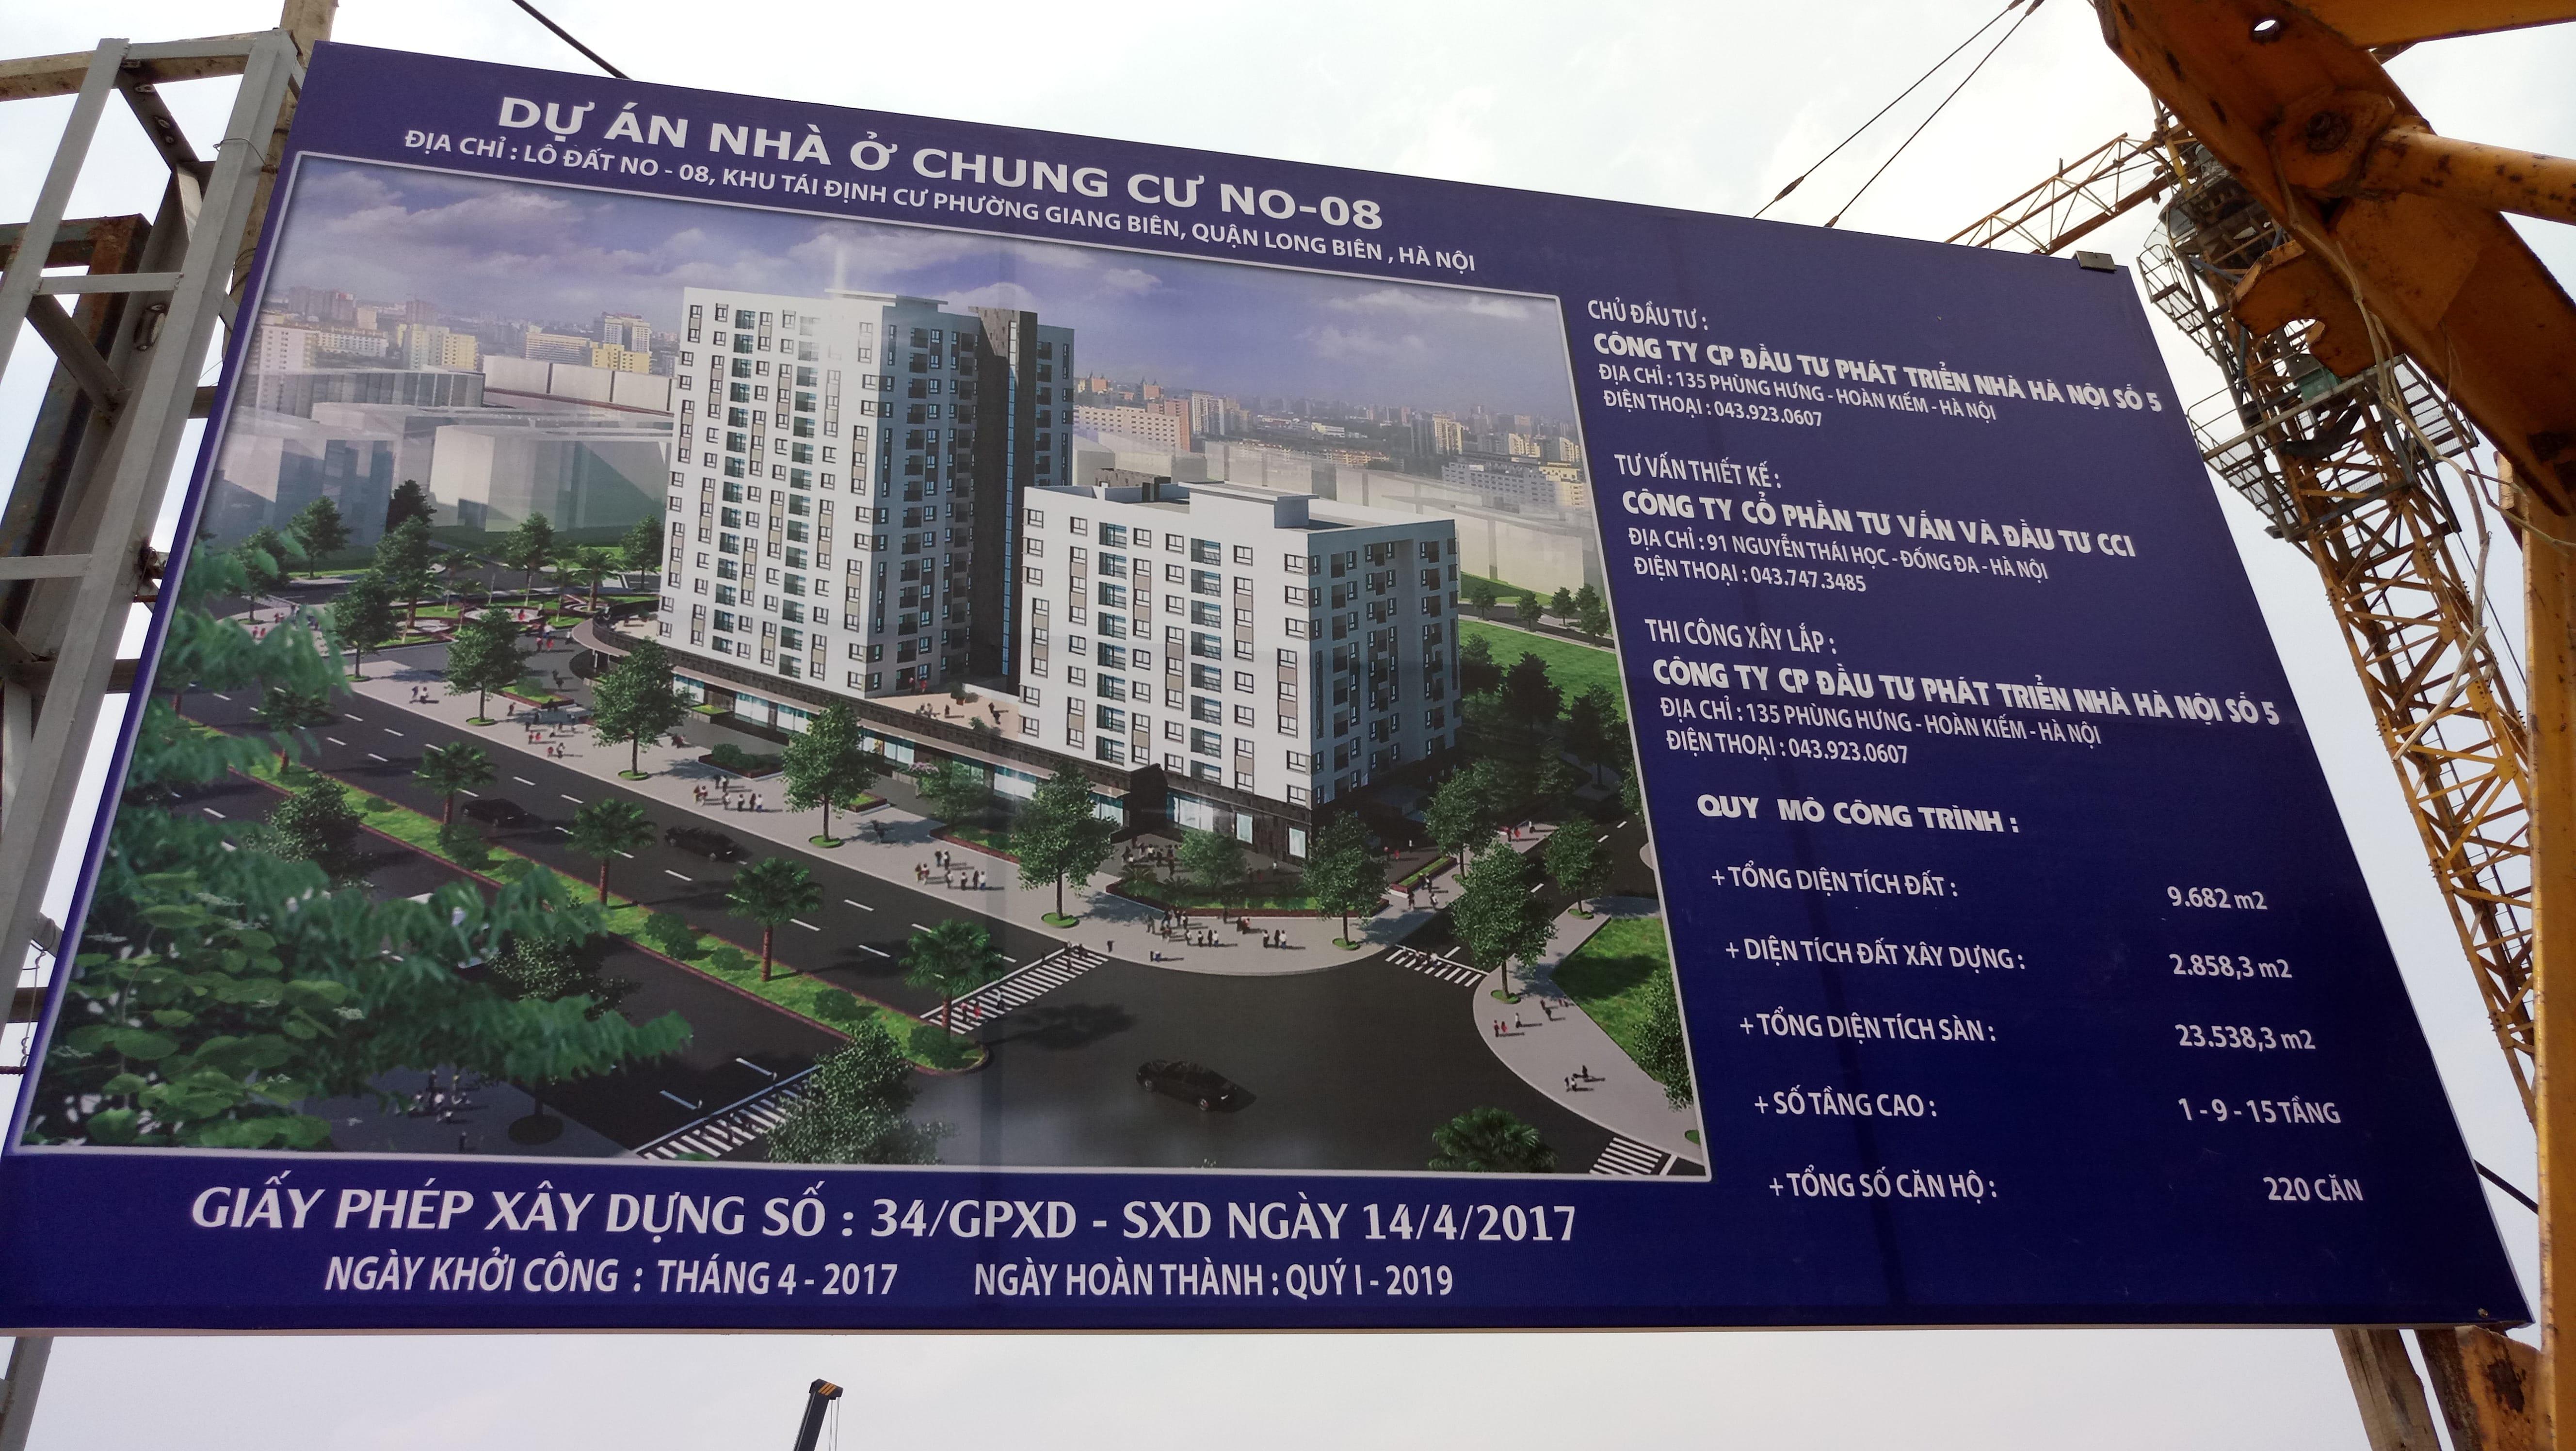 Bảng Thông tin Dự án Chung cư No-08 Giang Biên